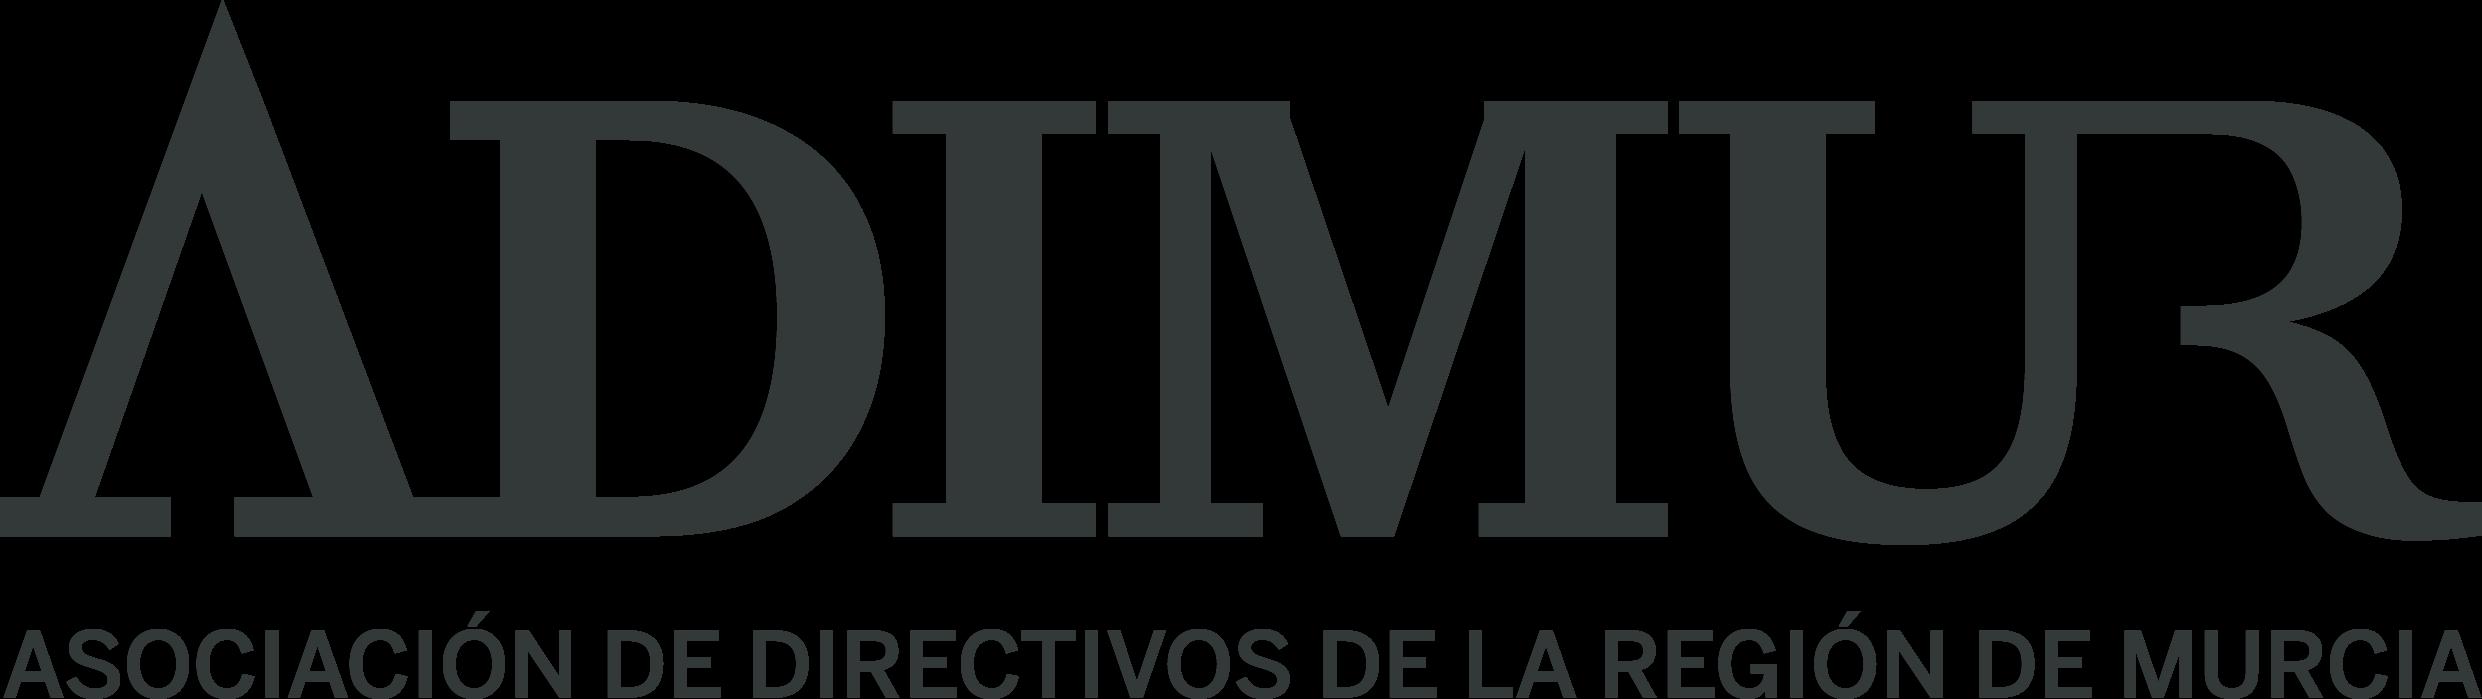 ADIMUR | Asociación de Directivos de la Región de Murcia